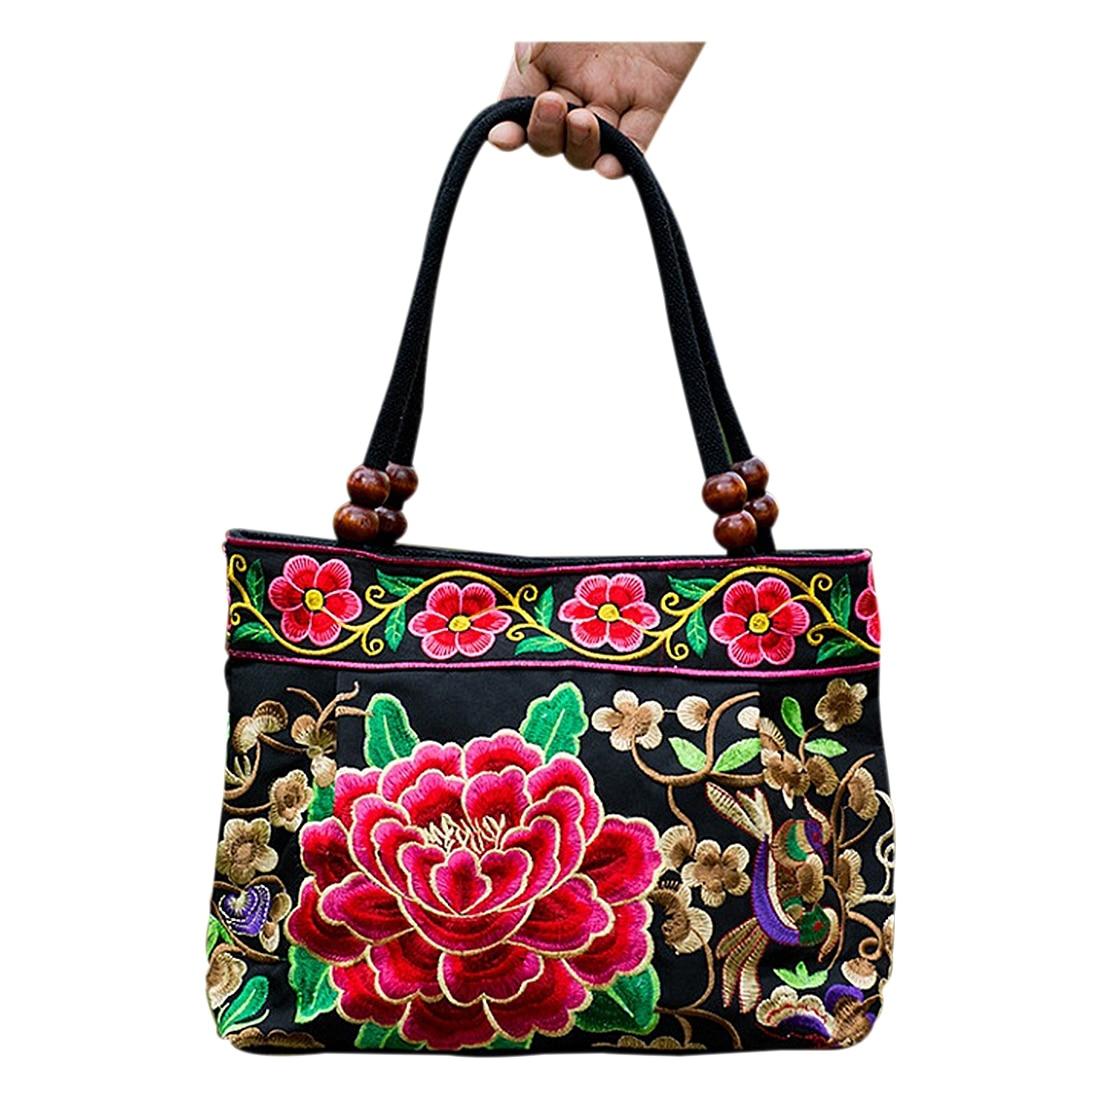 AFBC National Chinois style sacs Broderie Fleurs Sacs À Main Ethnique toile À La Main Fourre-Tout sacs à main de femmes Sac à Dos Femme